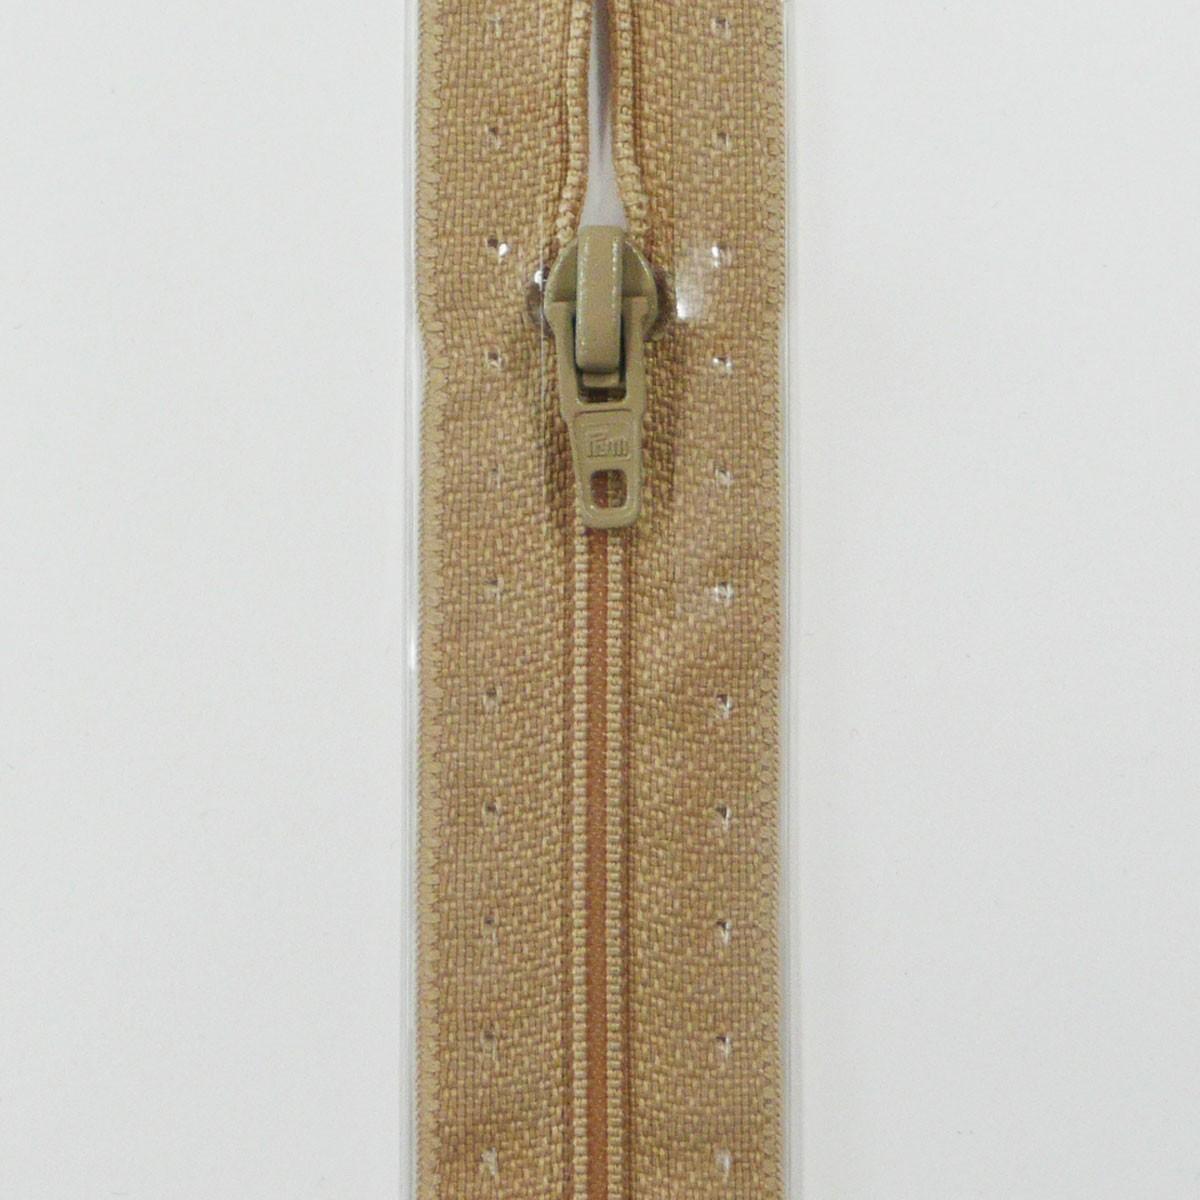 RV S1 Typ 0 ut 22 cm Fla kitt